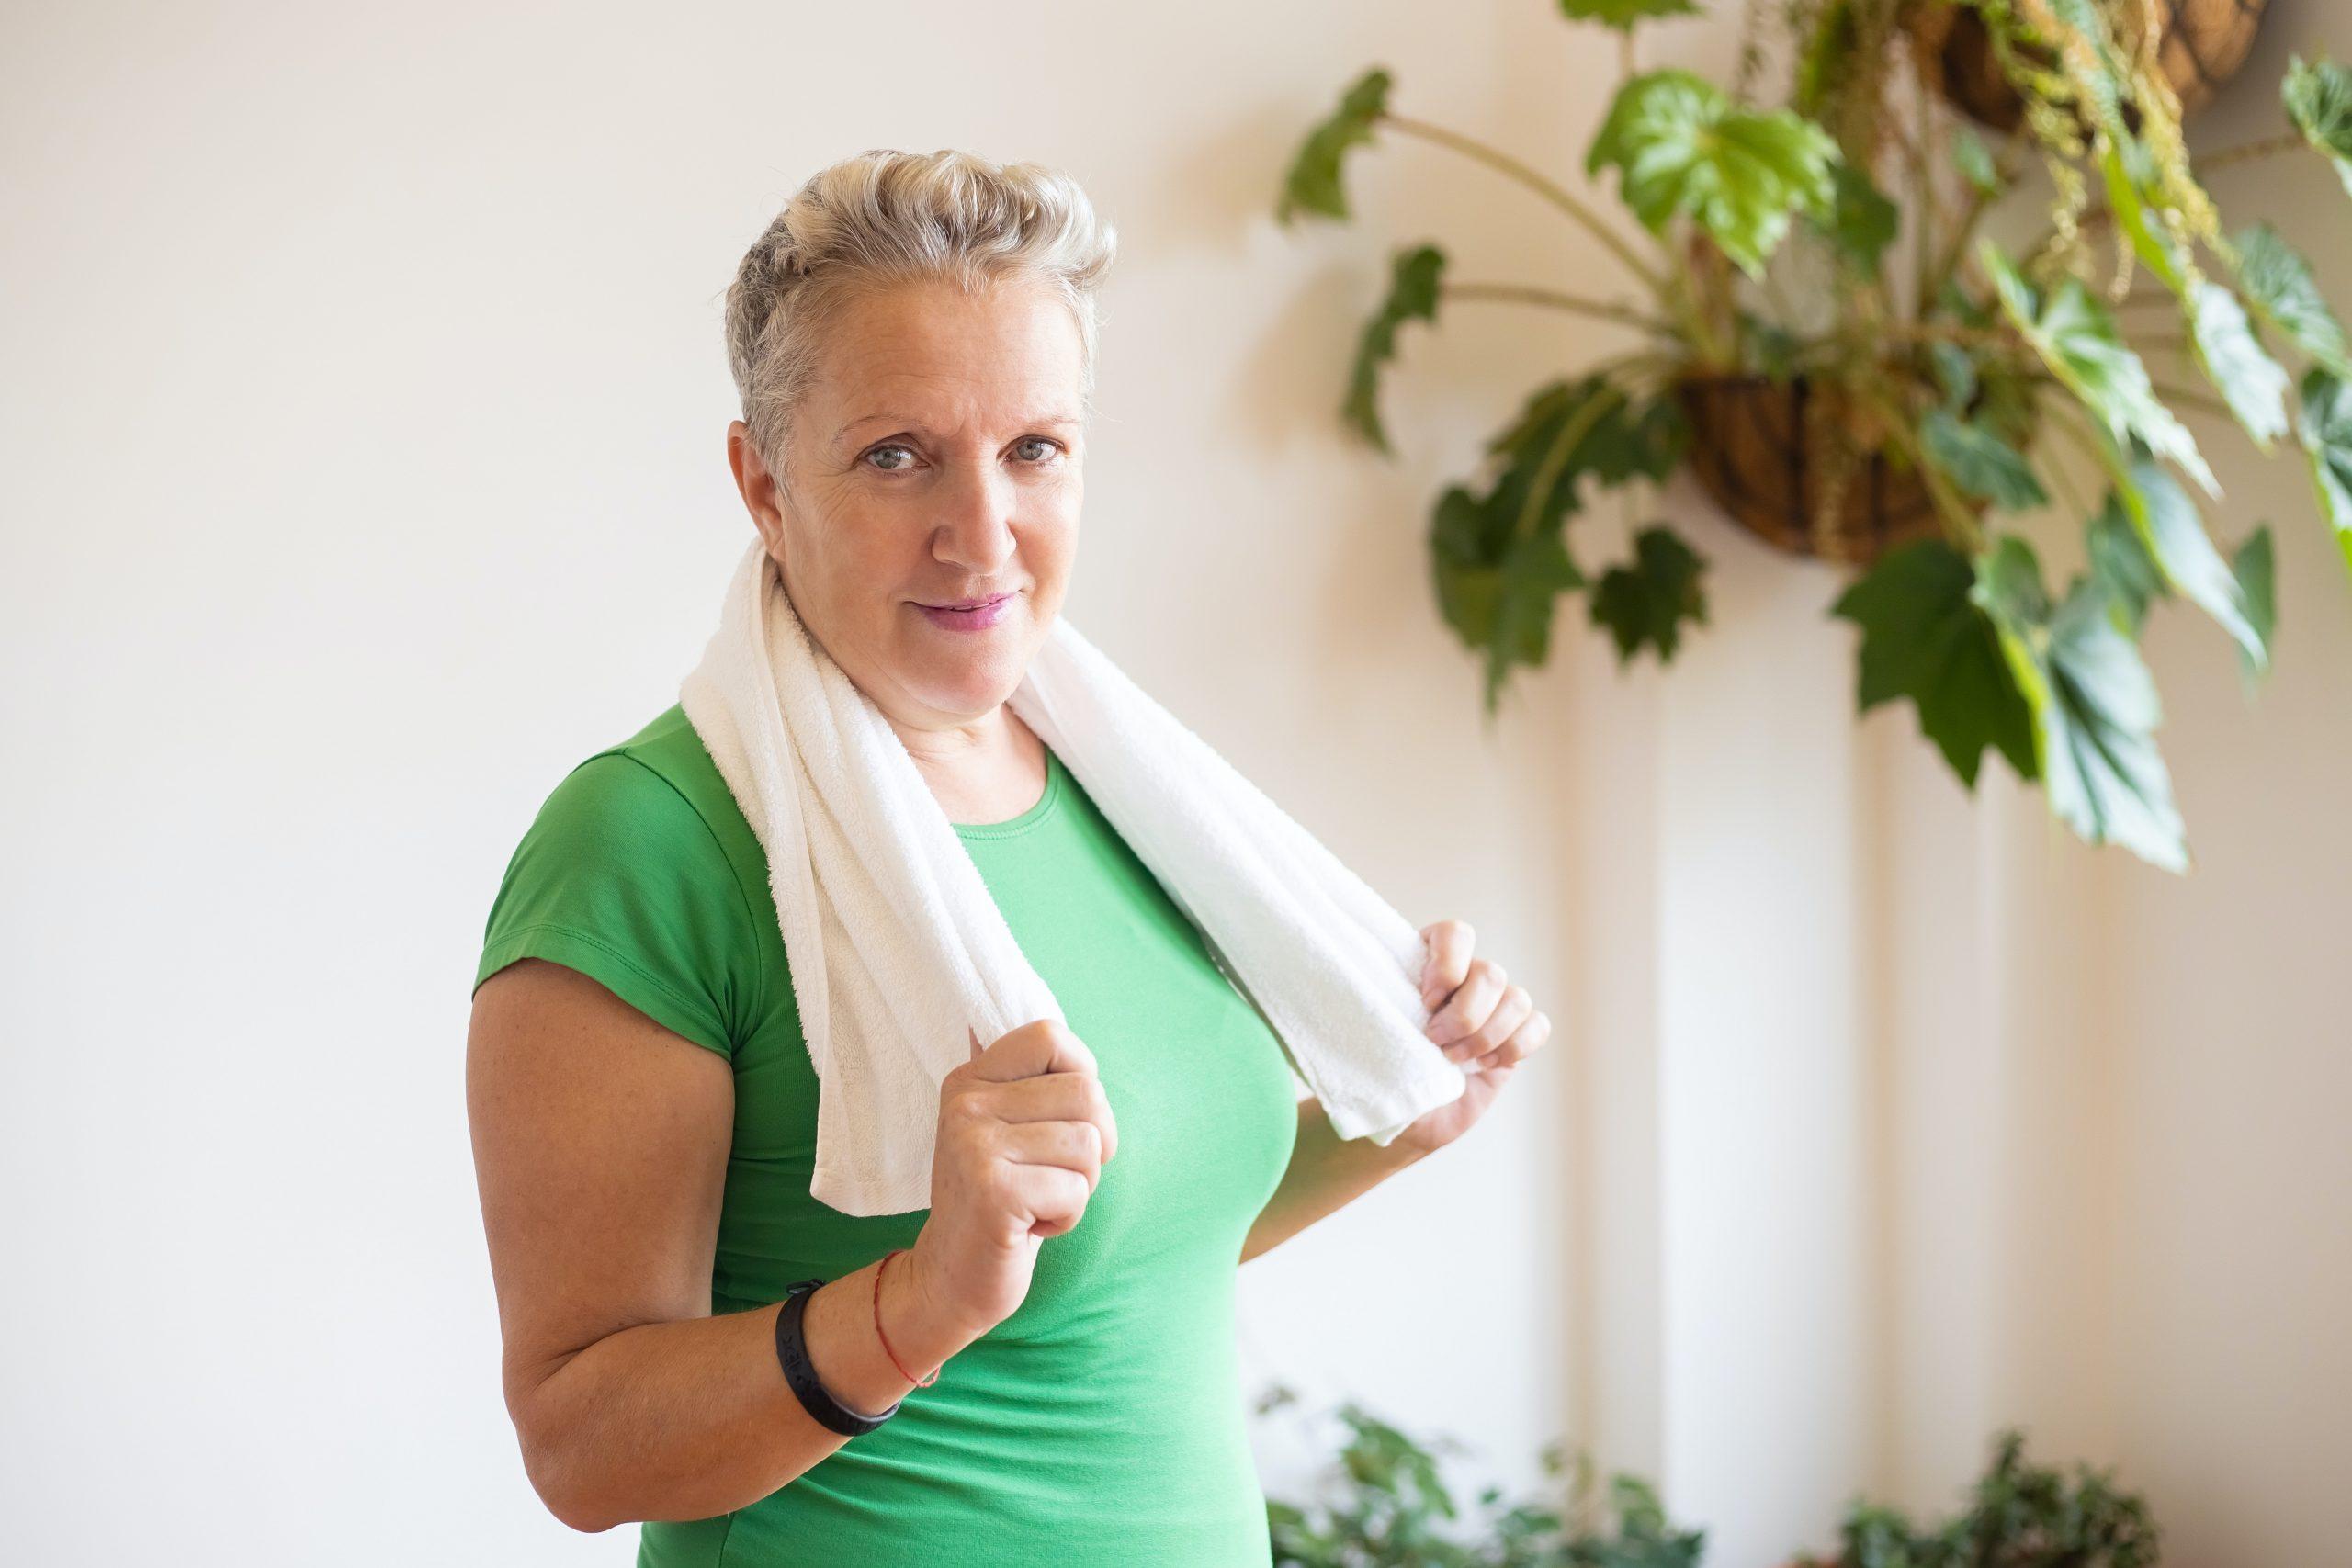 Imagem de uma mulher com uma toalha no pescoço.